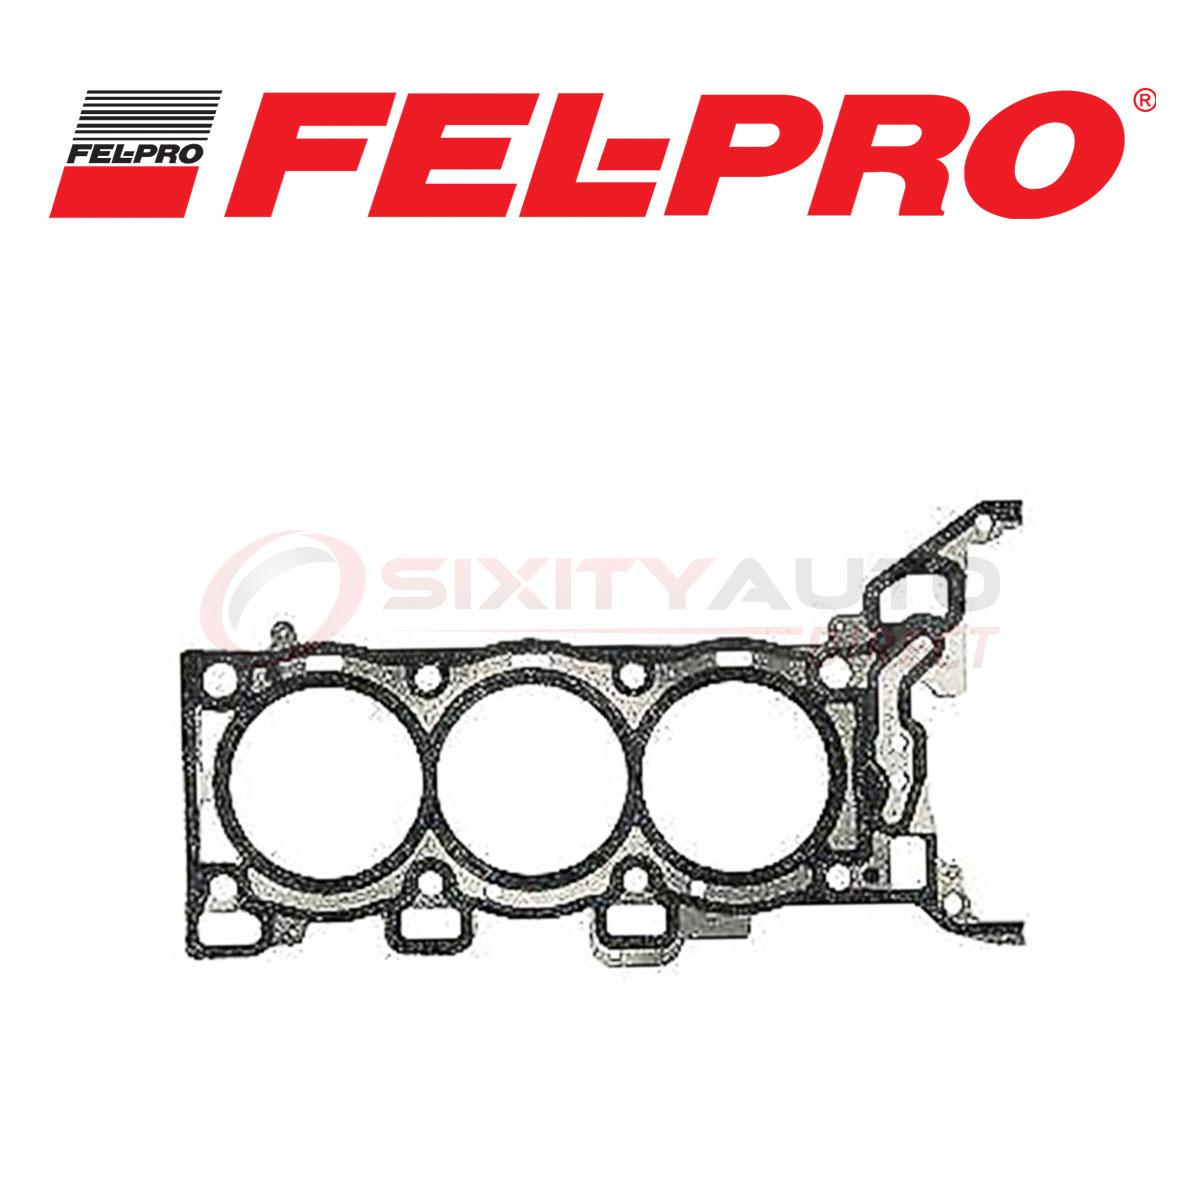 Fel Pro Cylinder Head Gasket For 2010